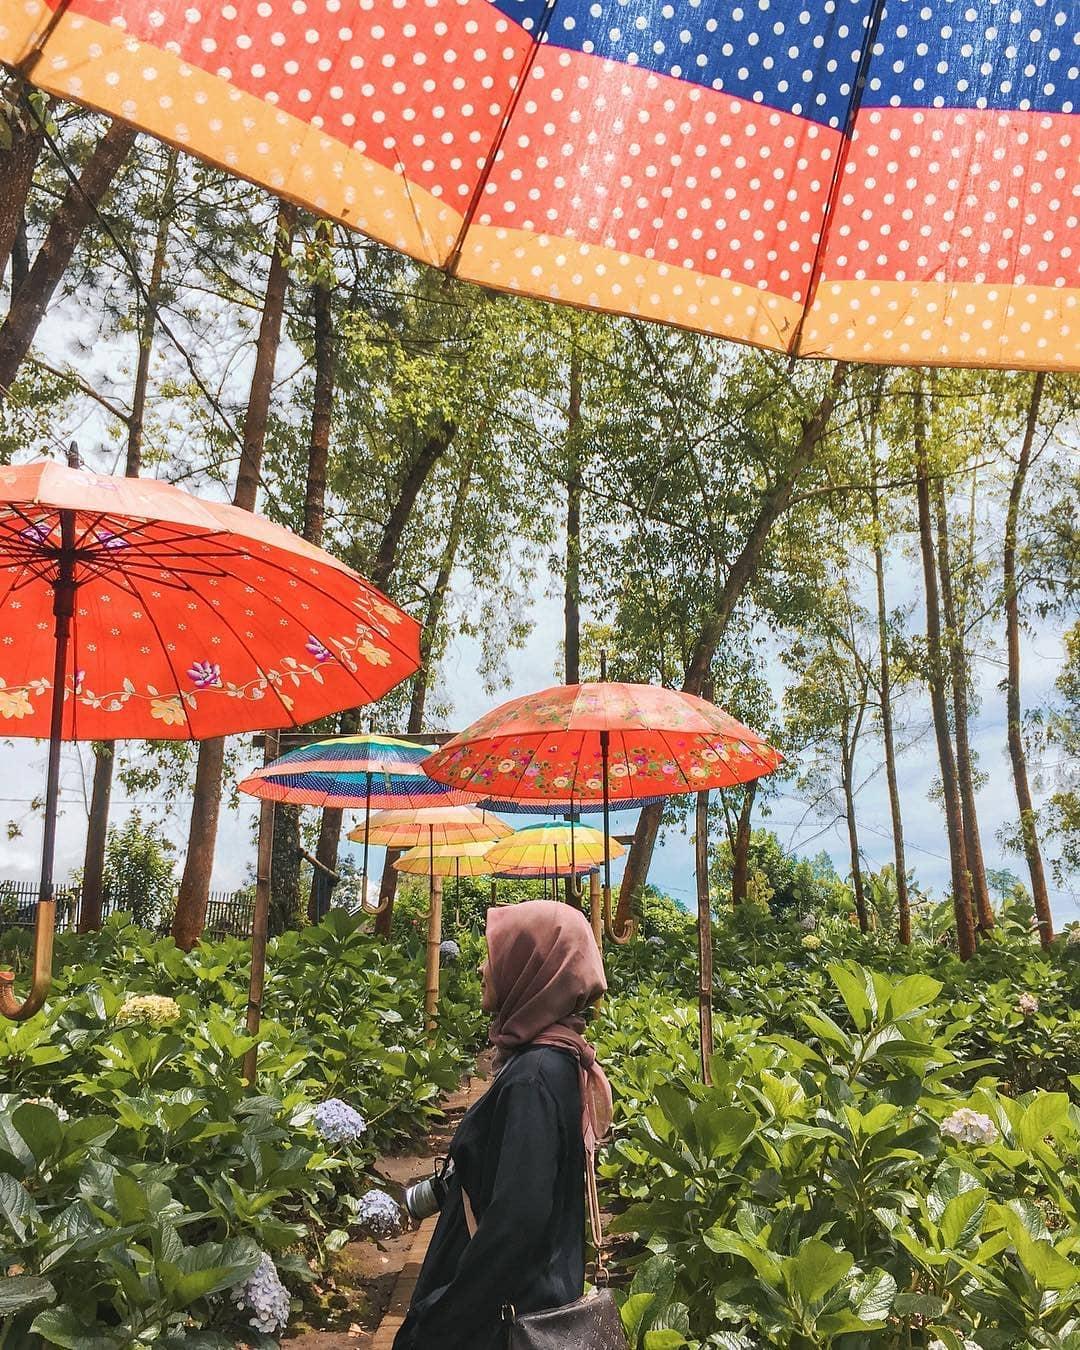 Semarak Payung Warna Warni di Taman Bunga, Malang, Malang Raya, Dolan Dolen, Dolaners Payung Warna Warni di Taman Bunga by wahyueko - Dolan Dolen